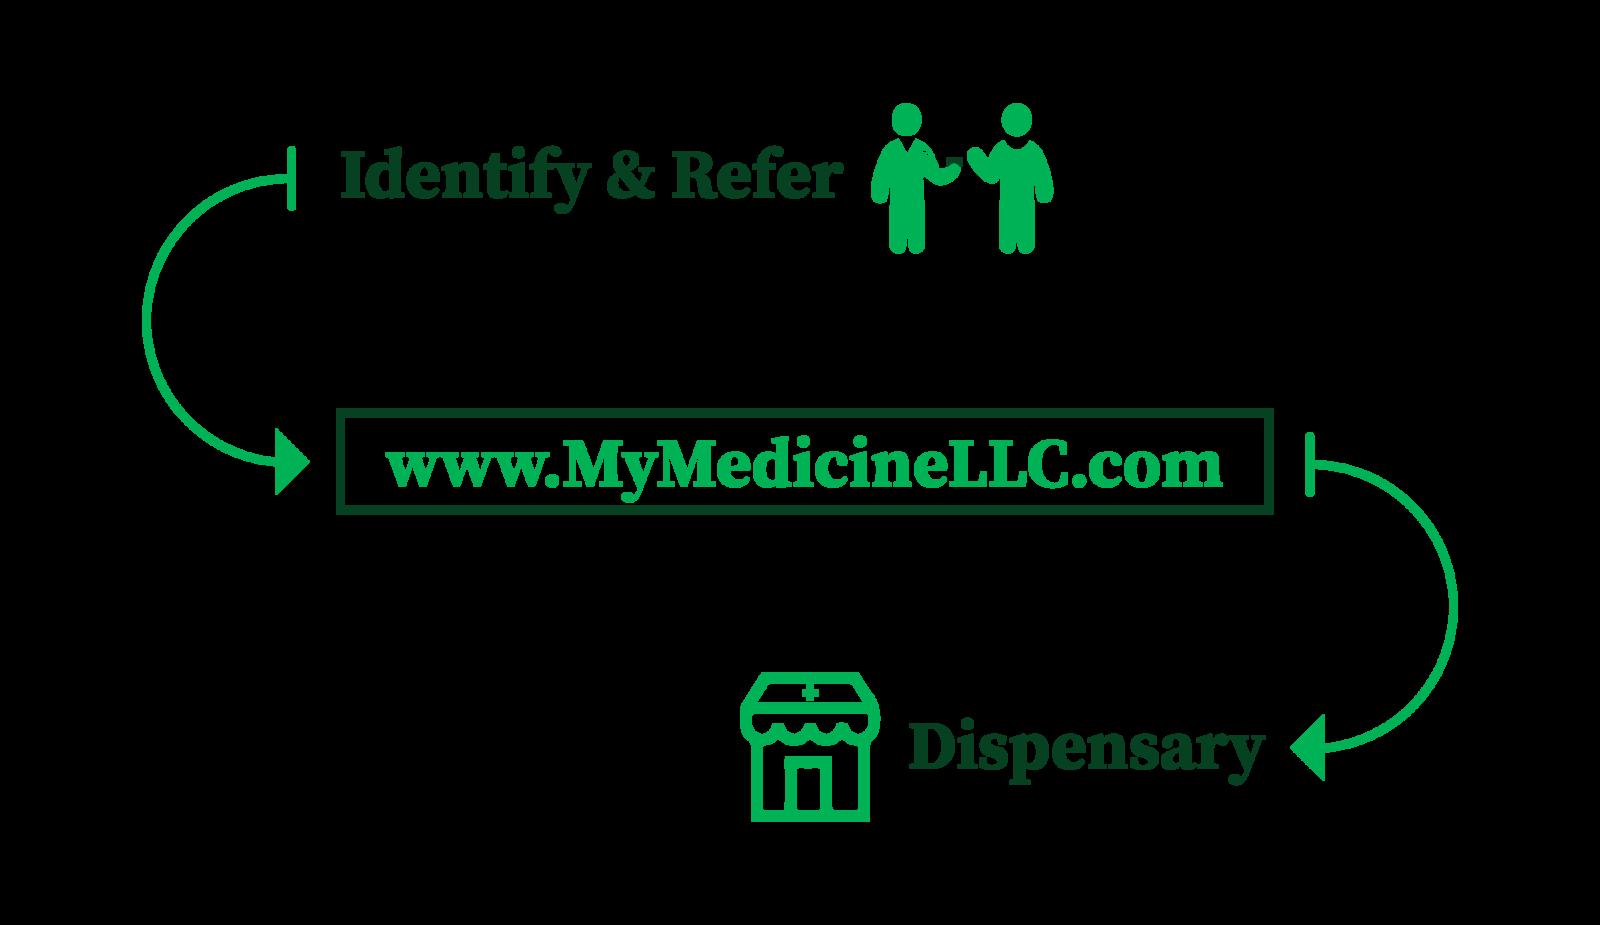 Identify&Refer_MMLLC-01